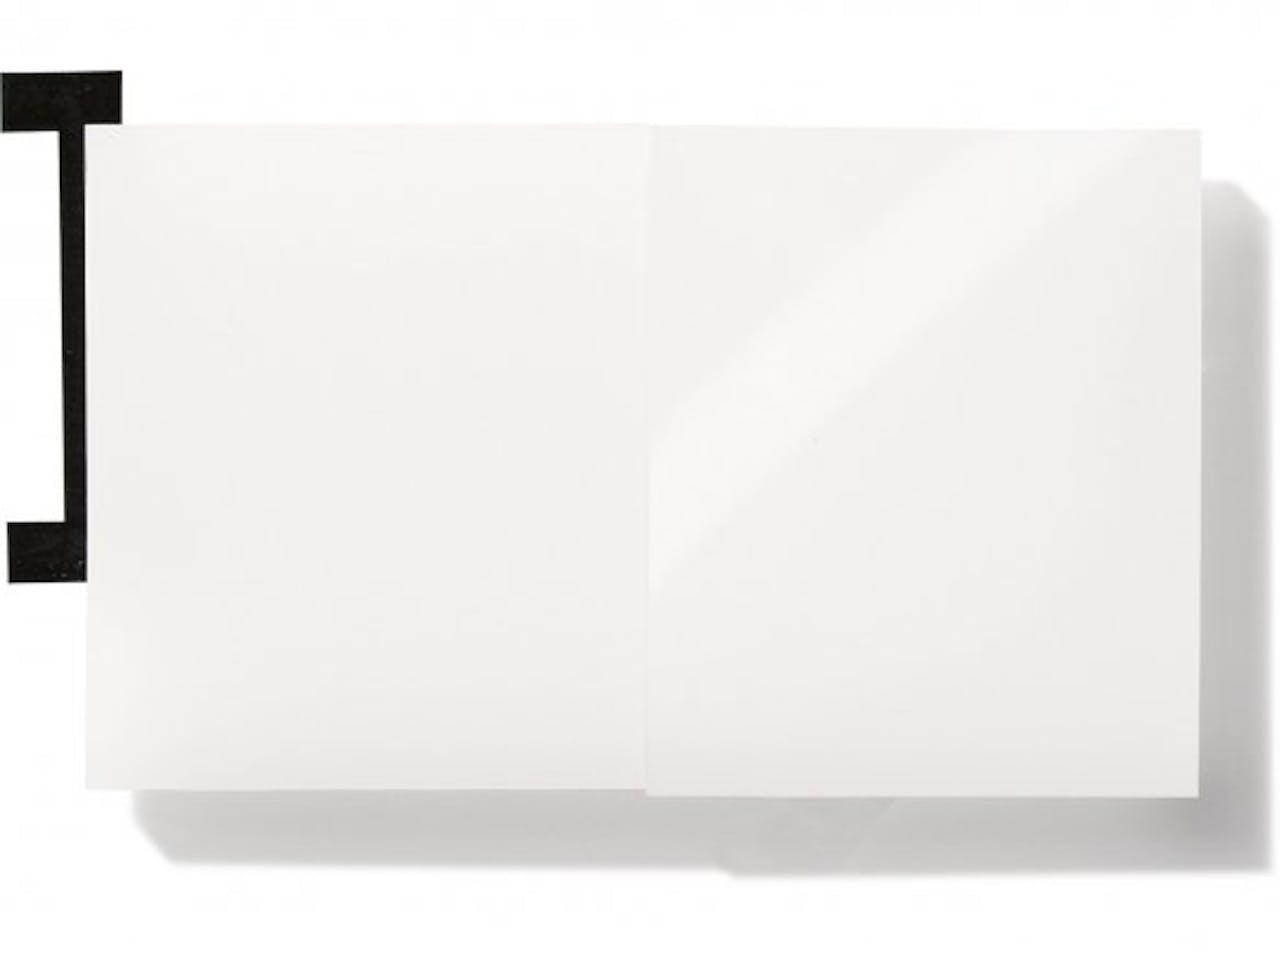 PLEXIGLAS® Satinice SC, einseitig satiniert, weiß, 3,0 x 120 x 250 mm, milchig-weiß (WH02SC)